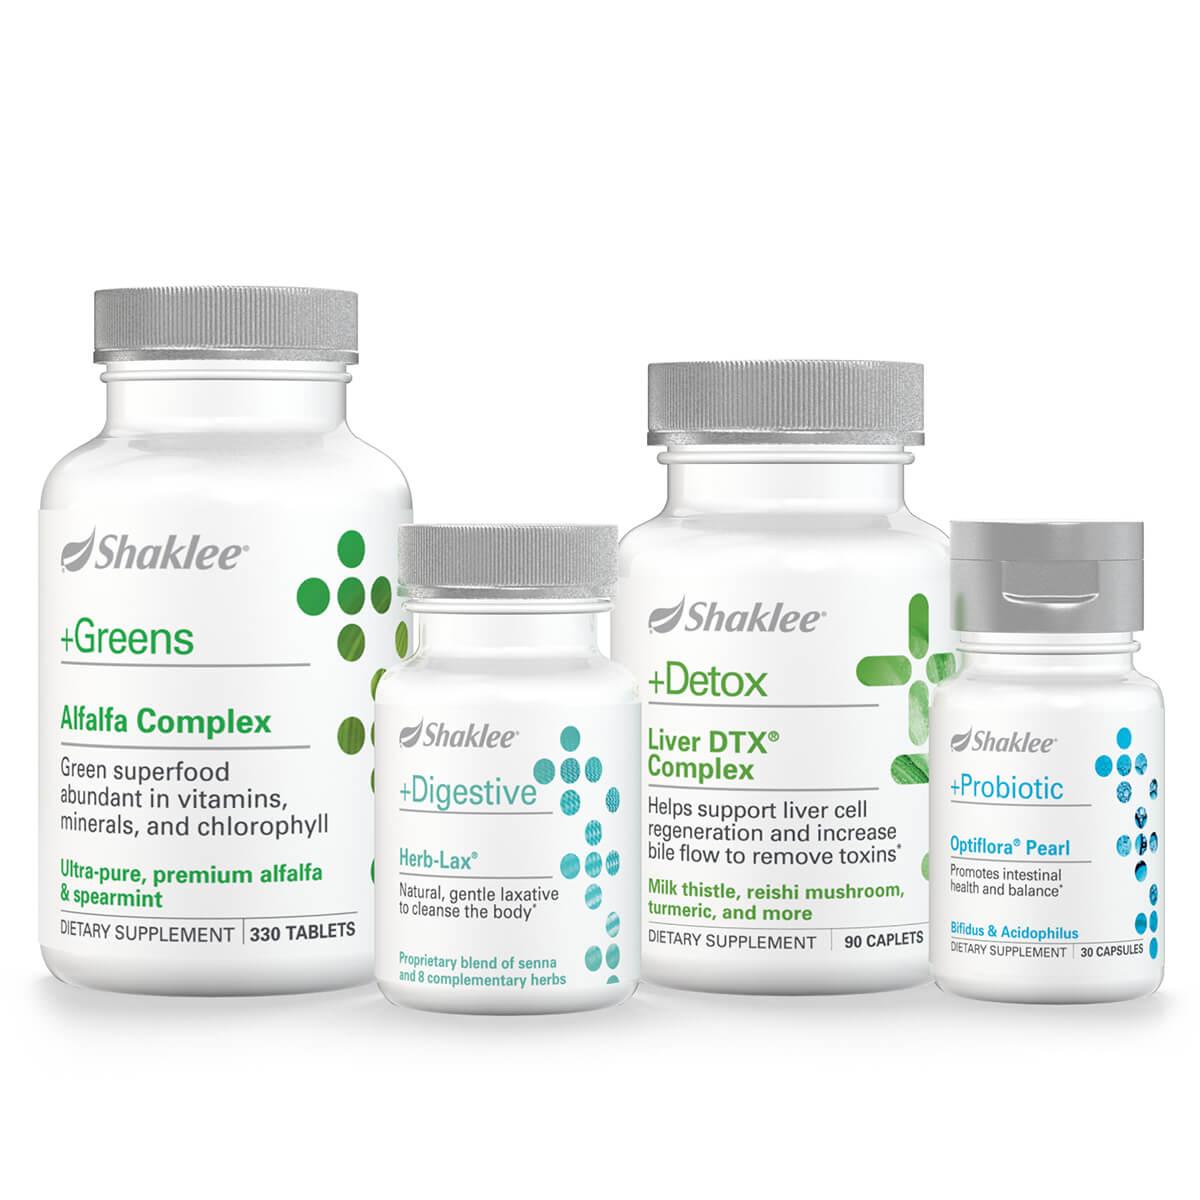 89417-HealthyCleanse.jpg